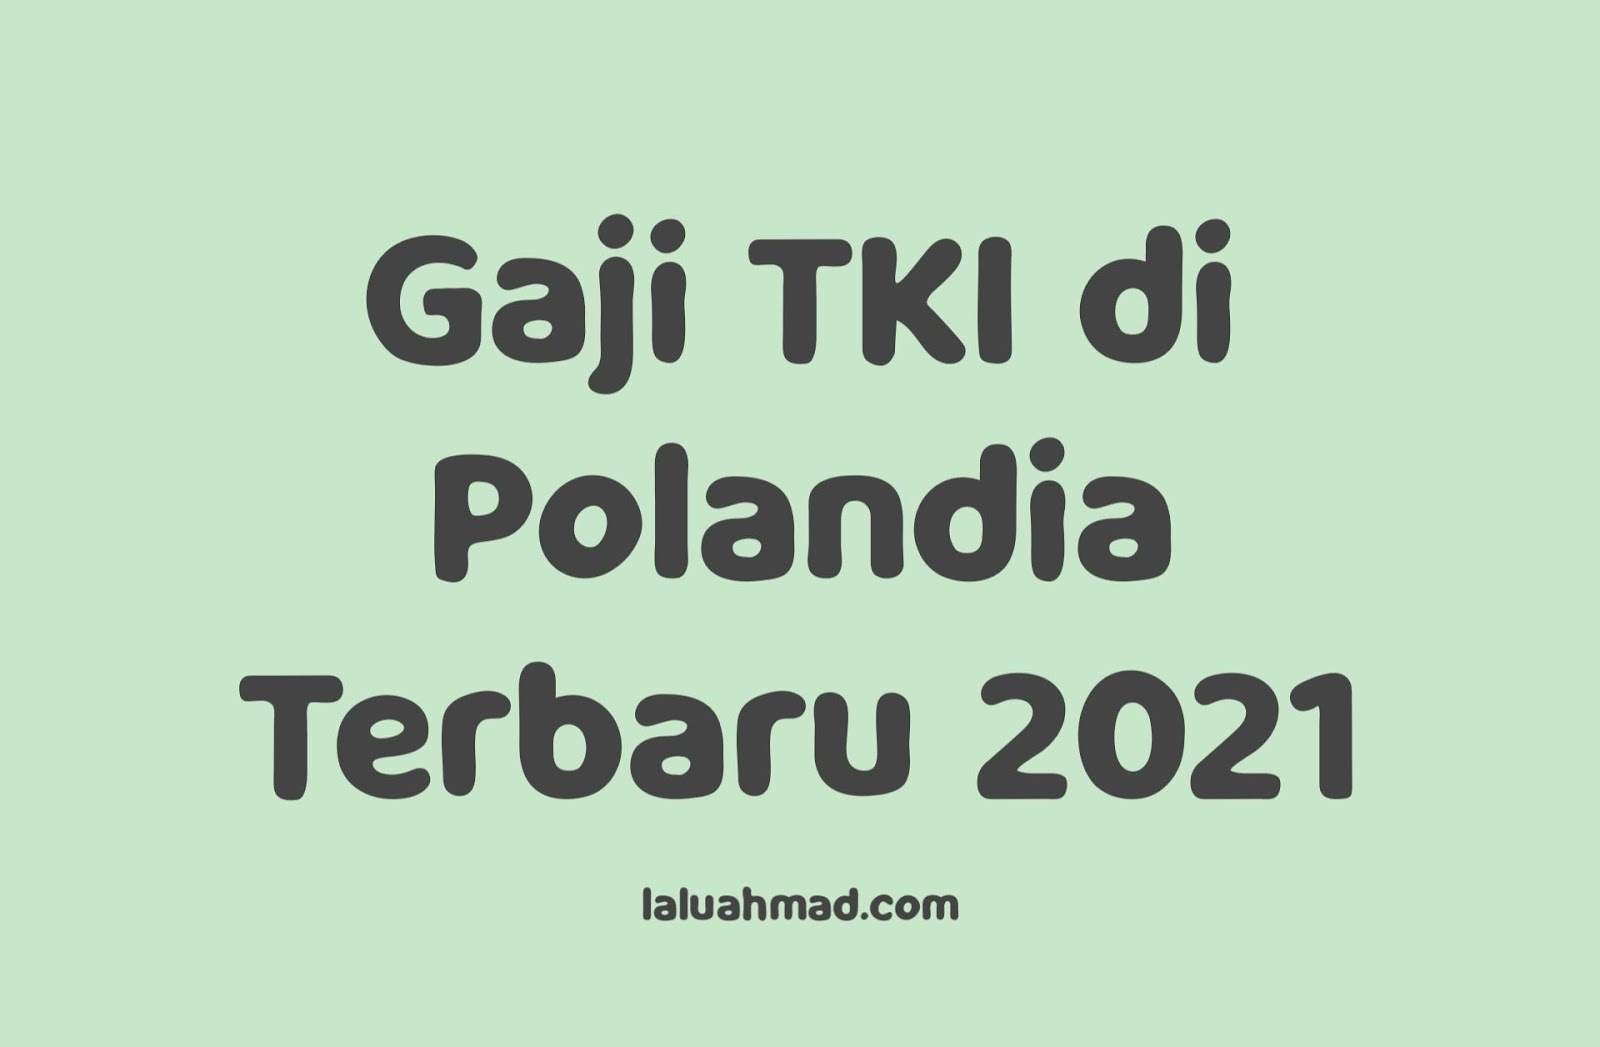 Gaji TKI di Polandia Terbaru 2021